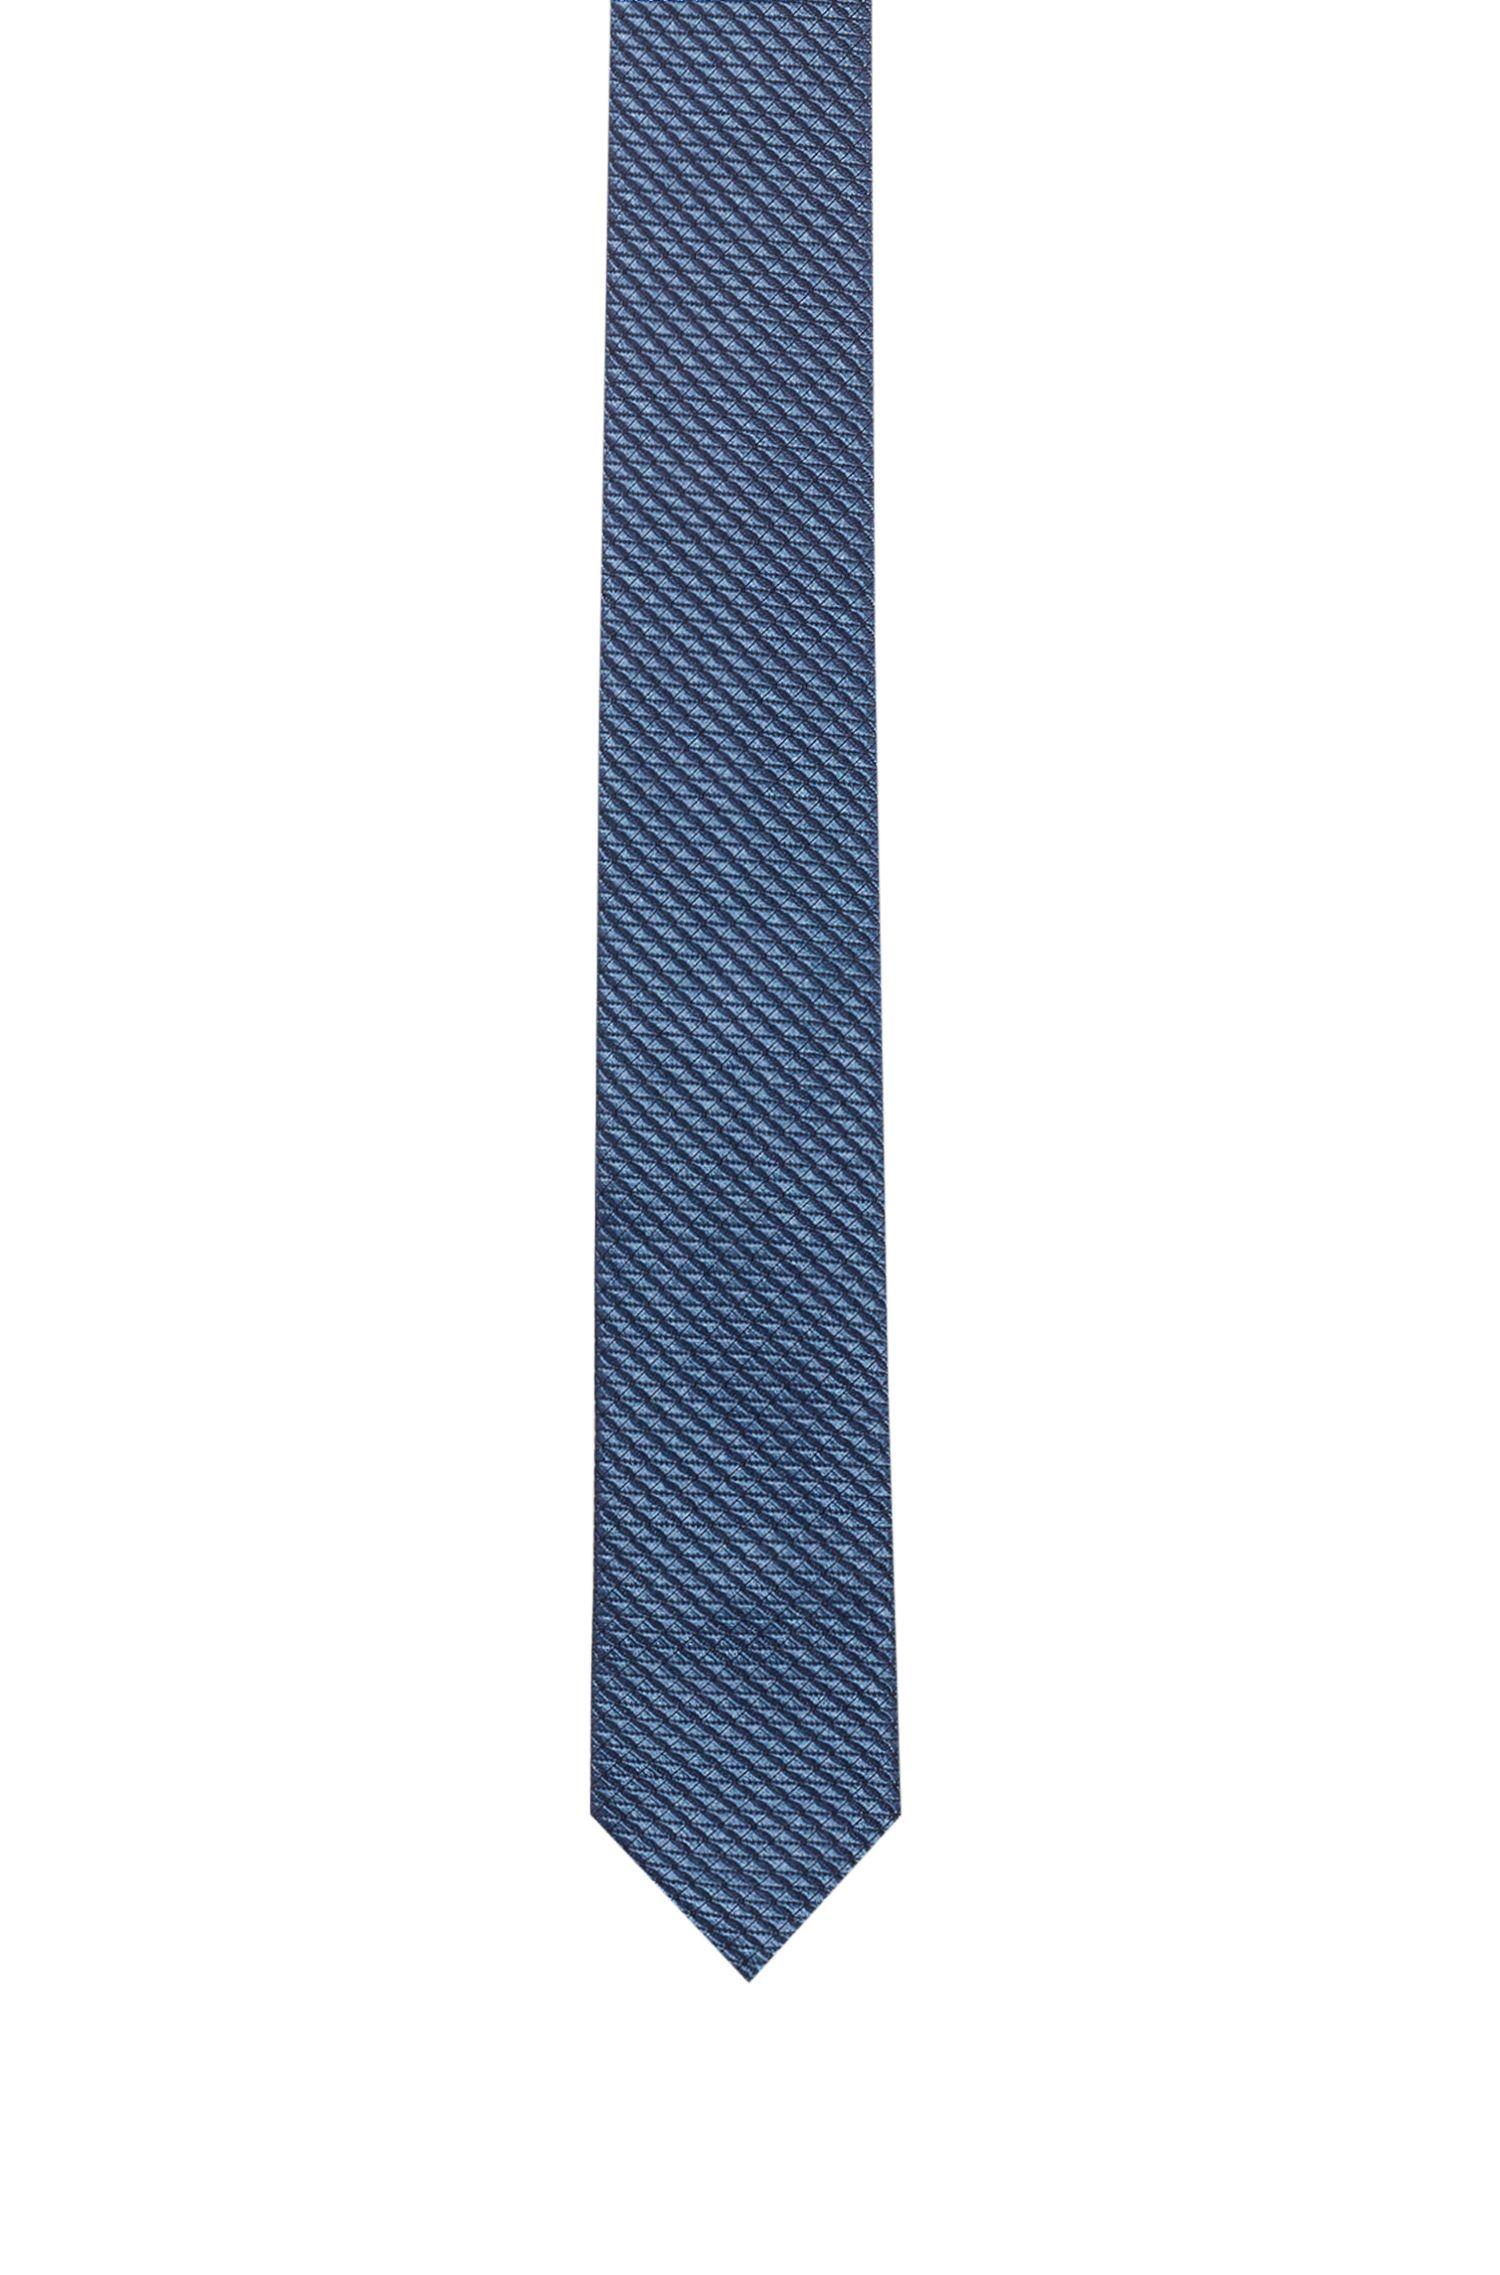 Cravatta moderna in jacquard misto seta con tessuto elasticizzato